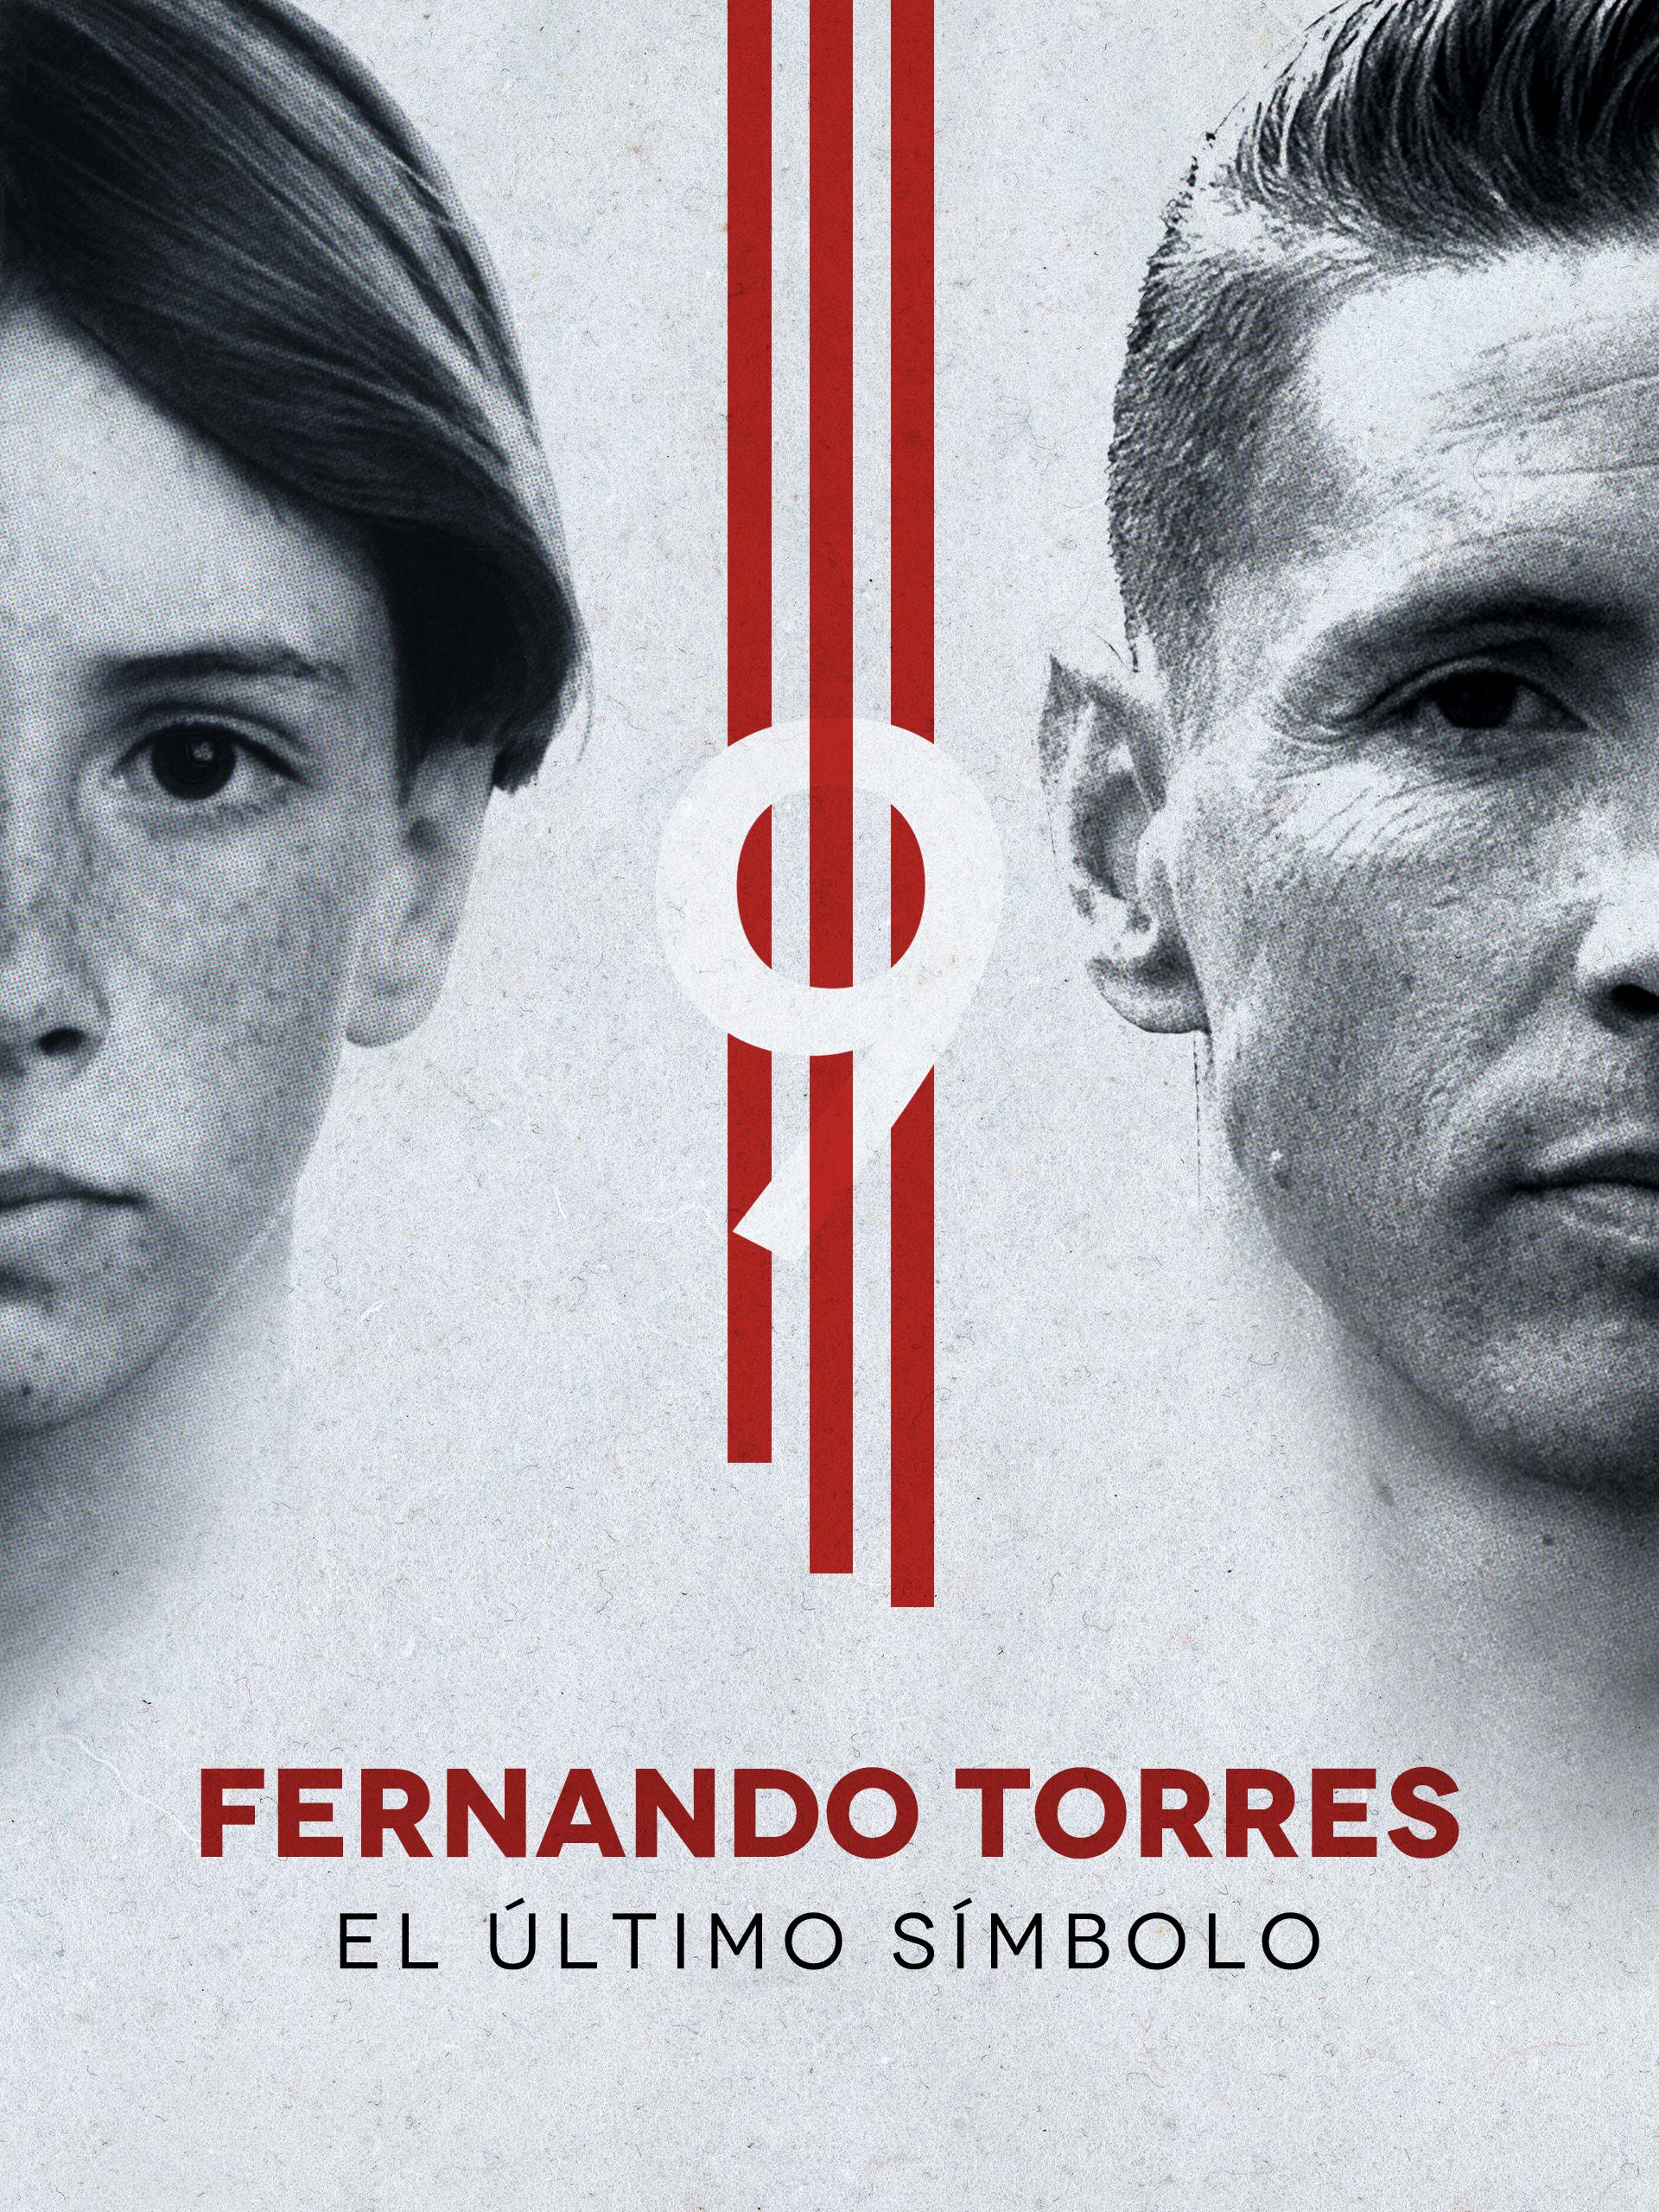 watch Fernando Torres: El último símbolo on soap2day